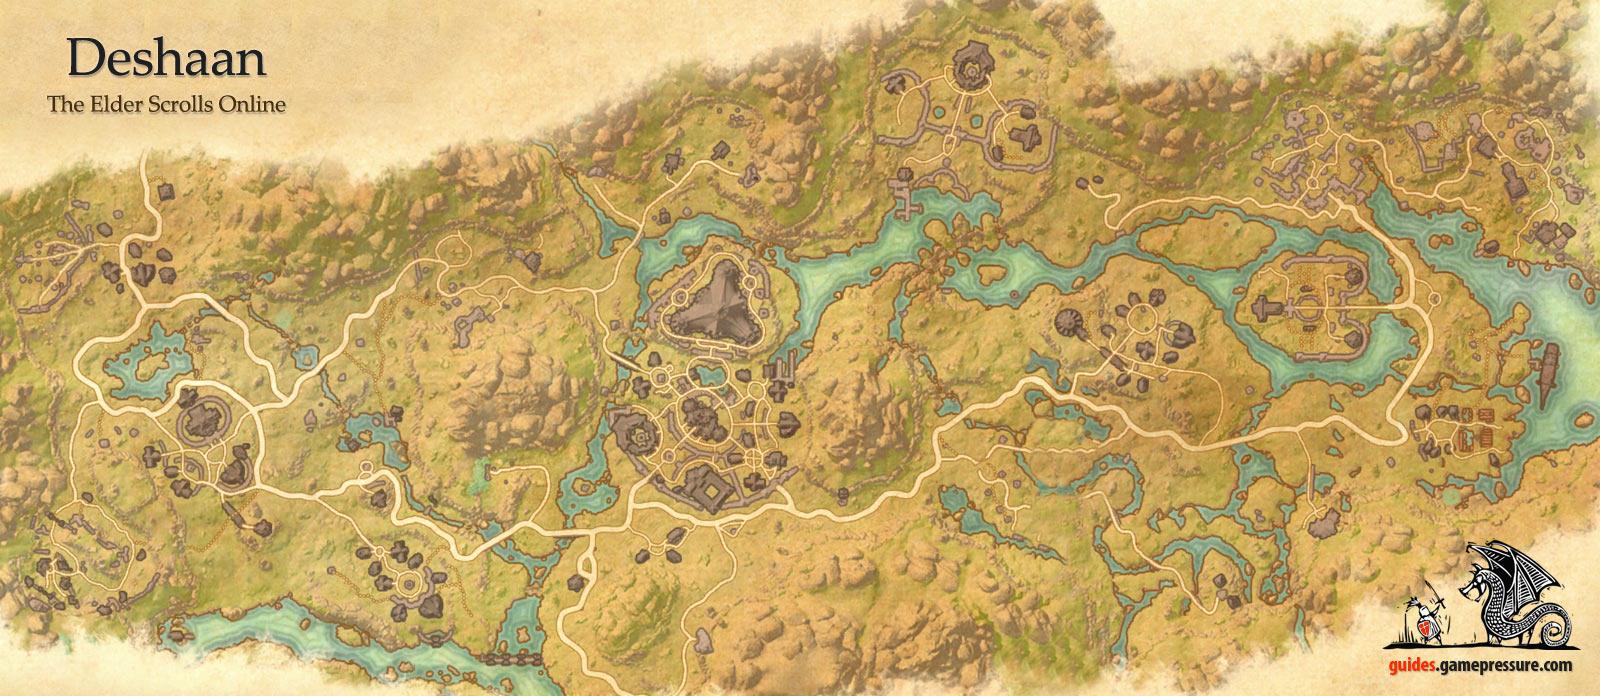 The Elder Scrolls Online - Deshaan